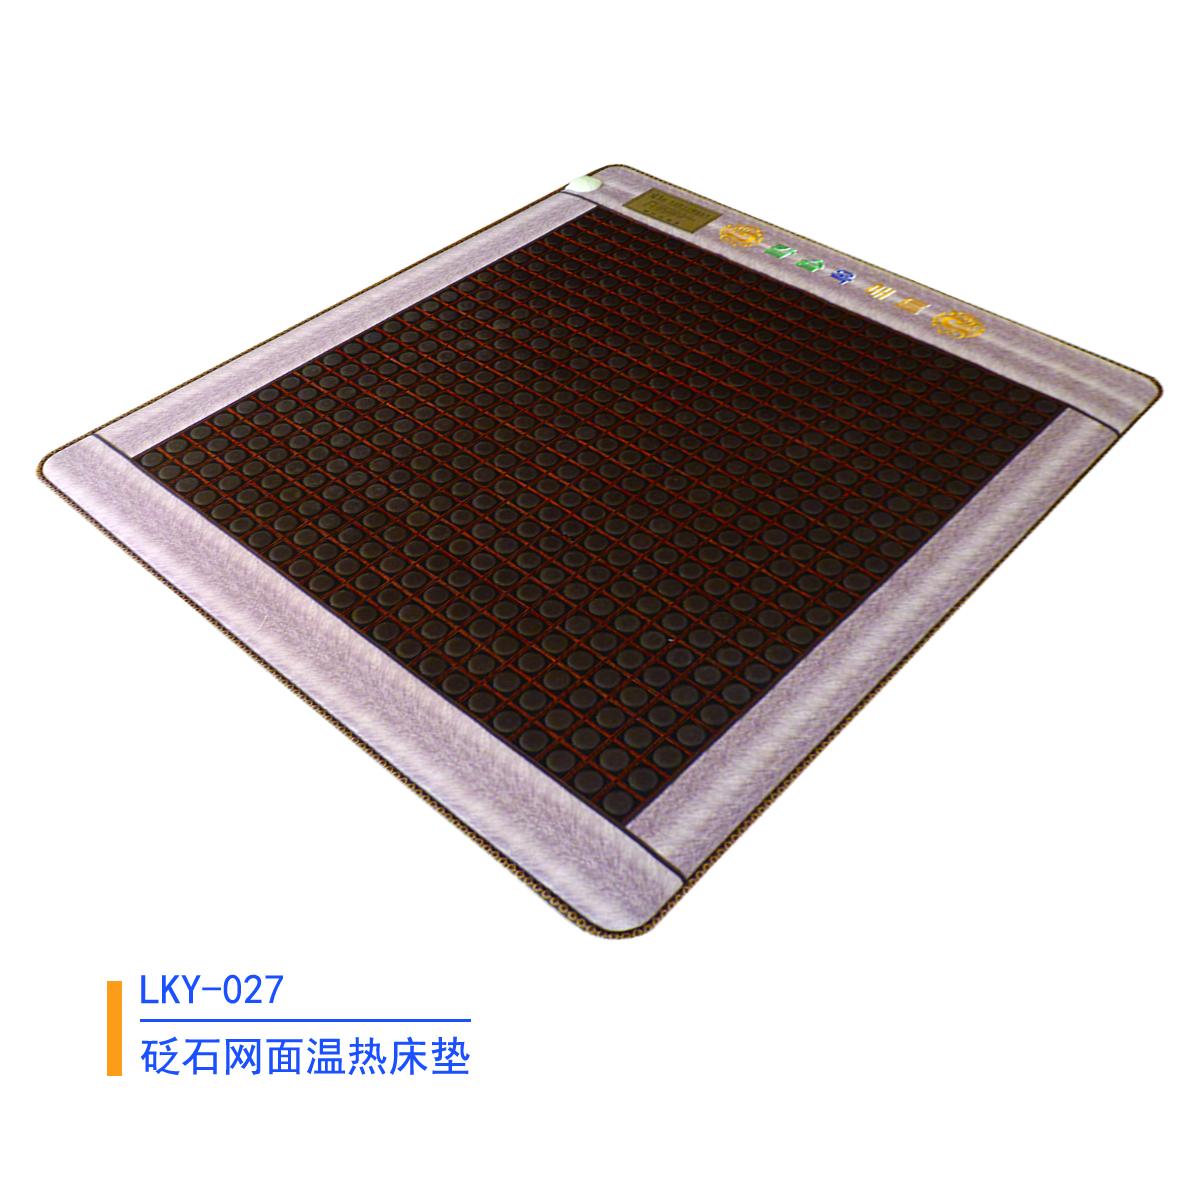 砭石网面温热床垫027